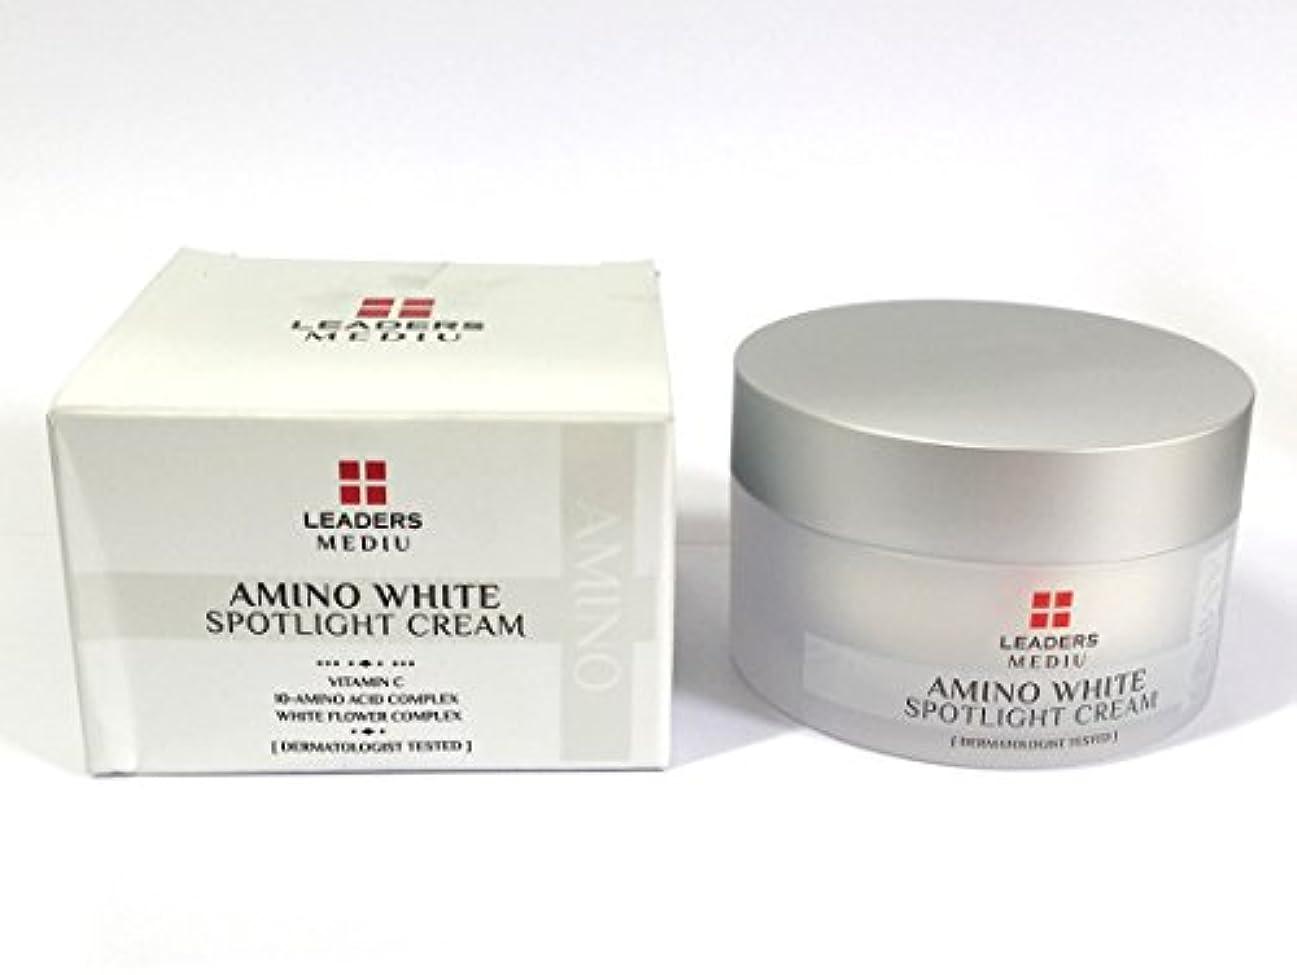 ぬいぐるみ煩わしいオーガニック[Leaders] アミノホワイトスポットライト50ml / Amino White Spotlight Cream 50ml / ホワイトニング、アンチリンクル、モイスチャライジング / Whitening, Anti-Wrinkle...